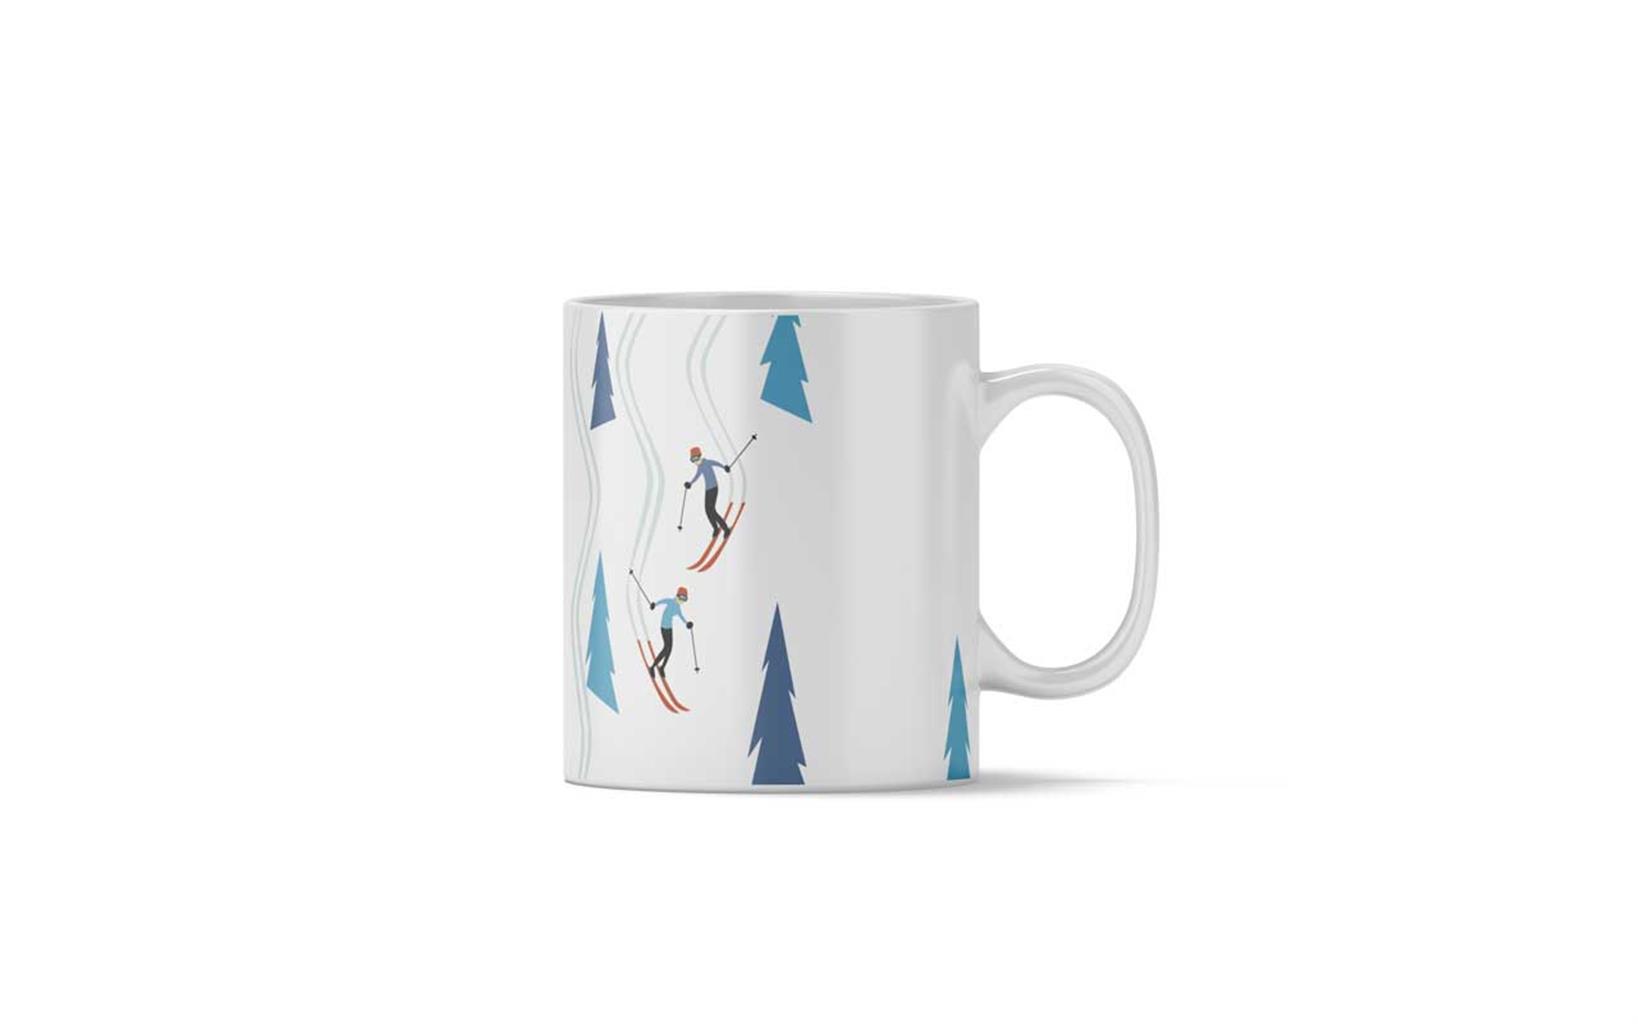 Ski tracks mug, Charlie Adam